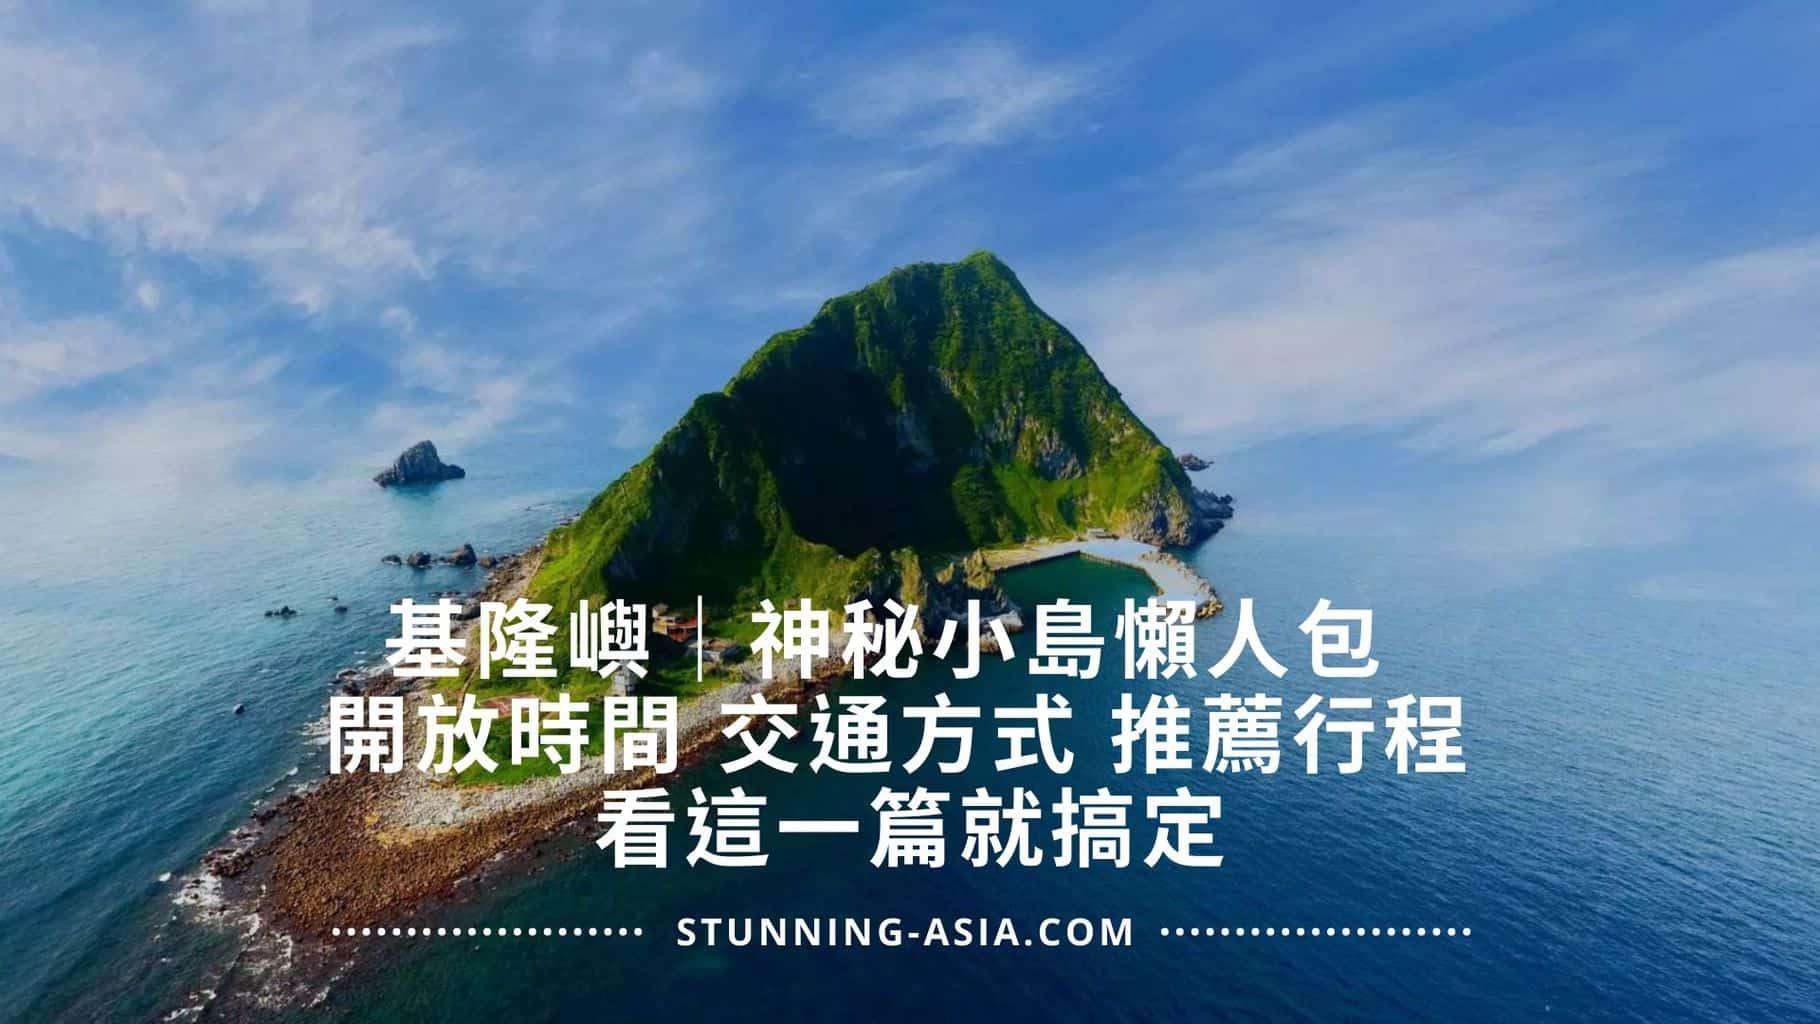 基隆嶼|神秘小島懶人包 開放時間 交通方式 推薦行程 看這一篇就搞定